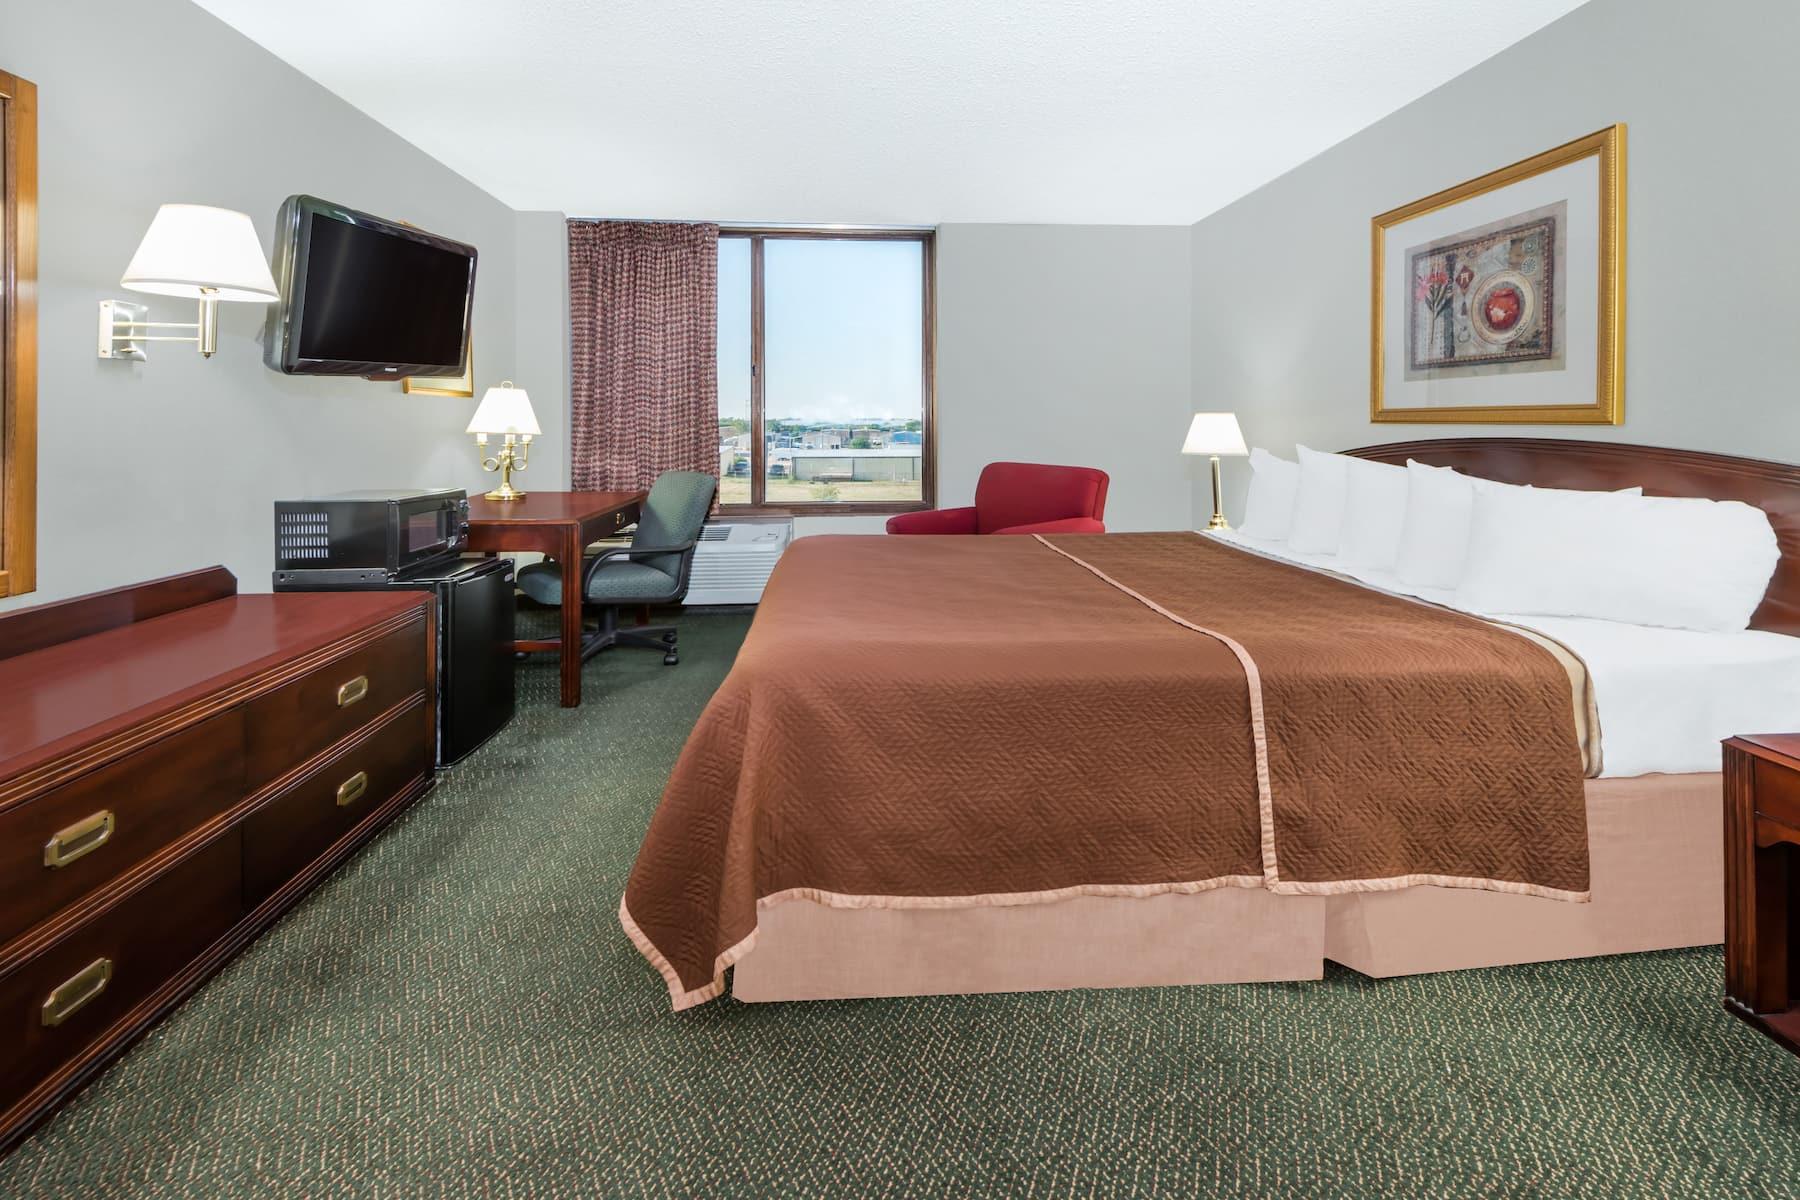 Days Inn By Wyndham Amarillo East Amarillo Tx Hotels